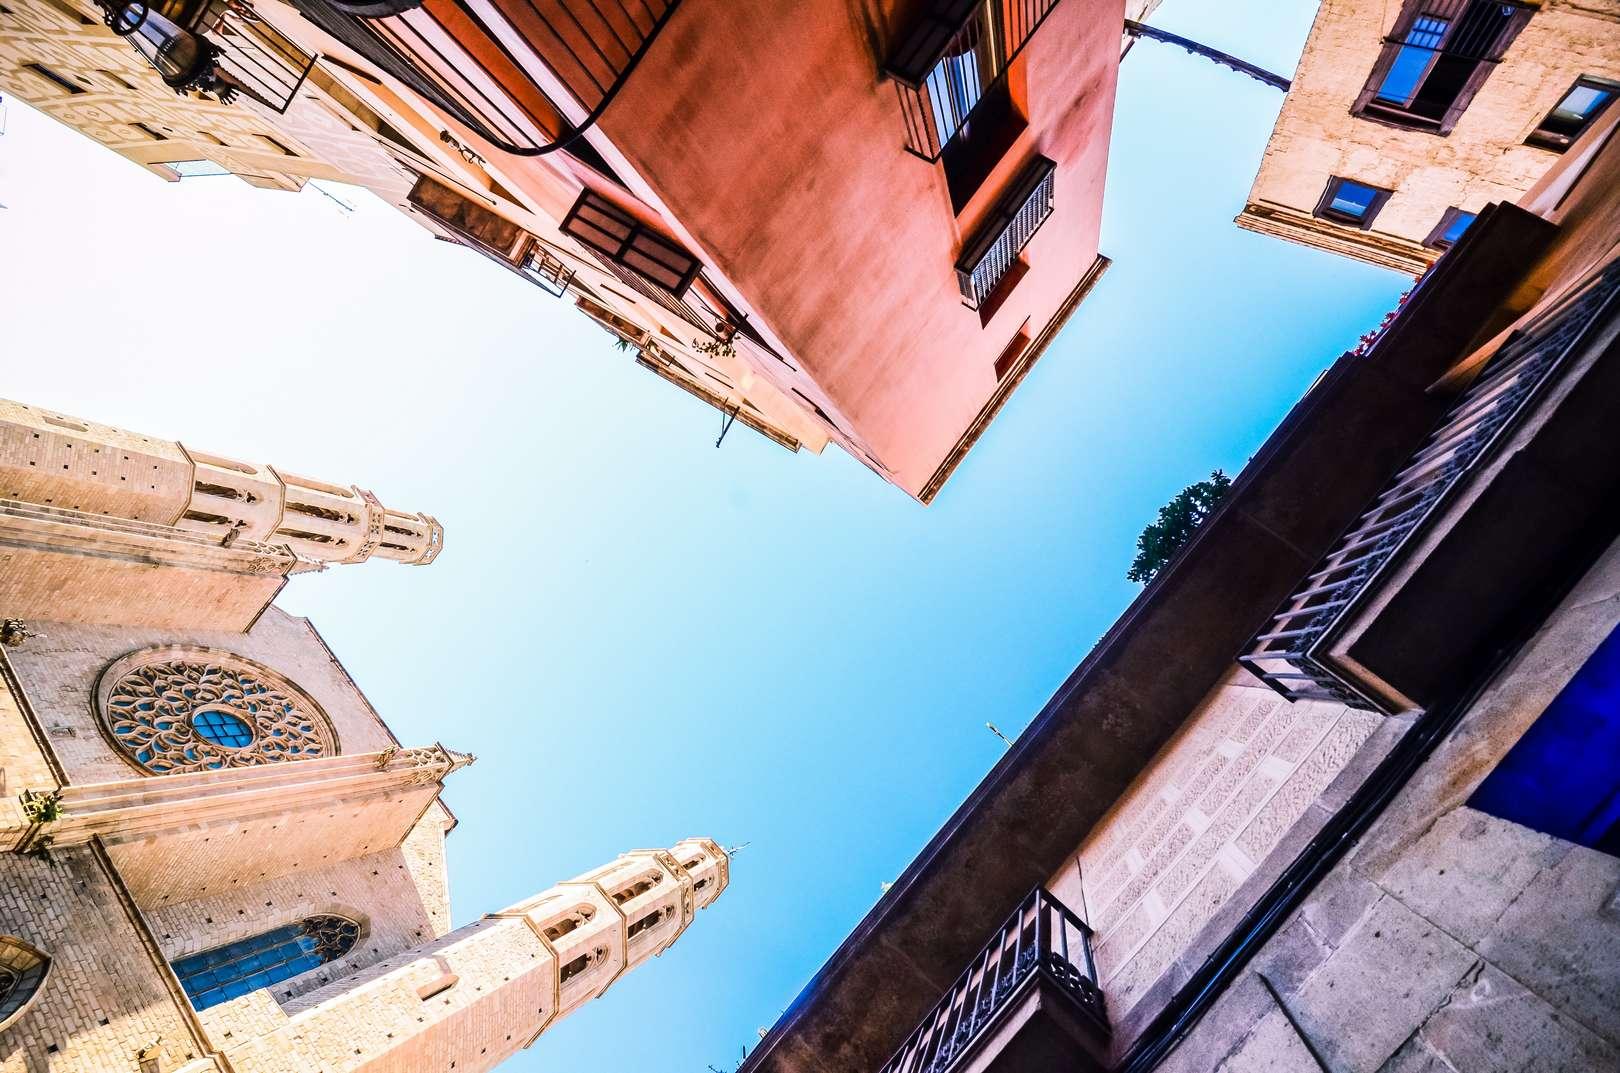 Church growth in Spain